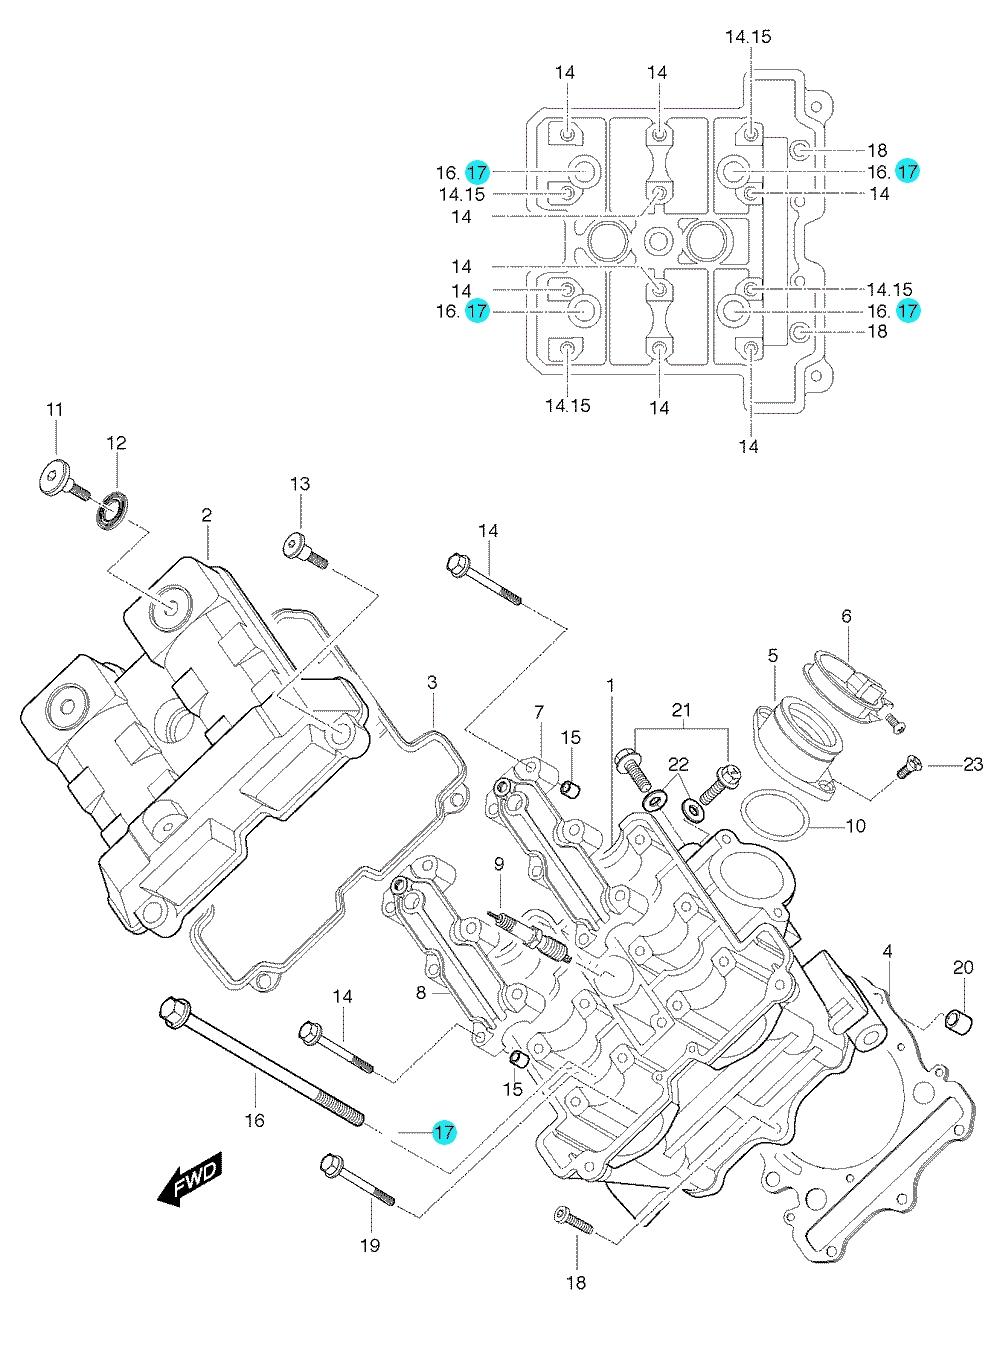 [17] Podložka (hlava předního válce) - Hyosung GT 650 S & R